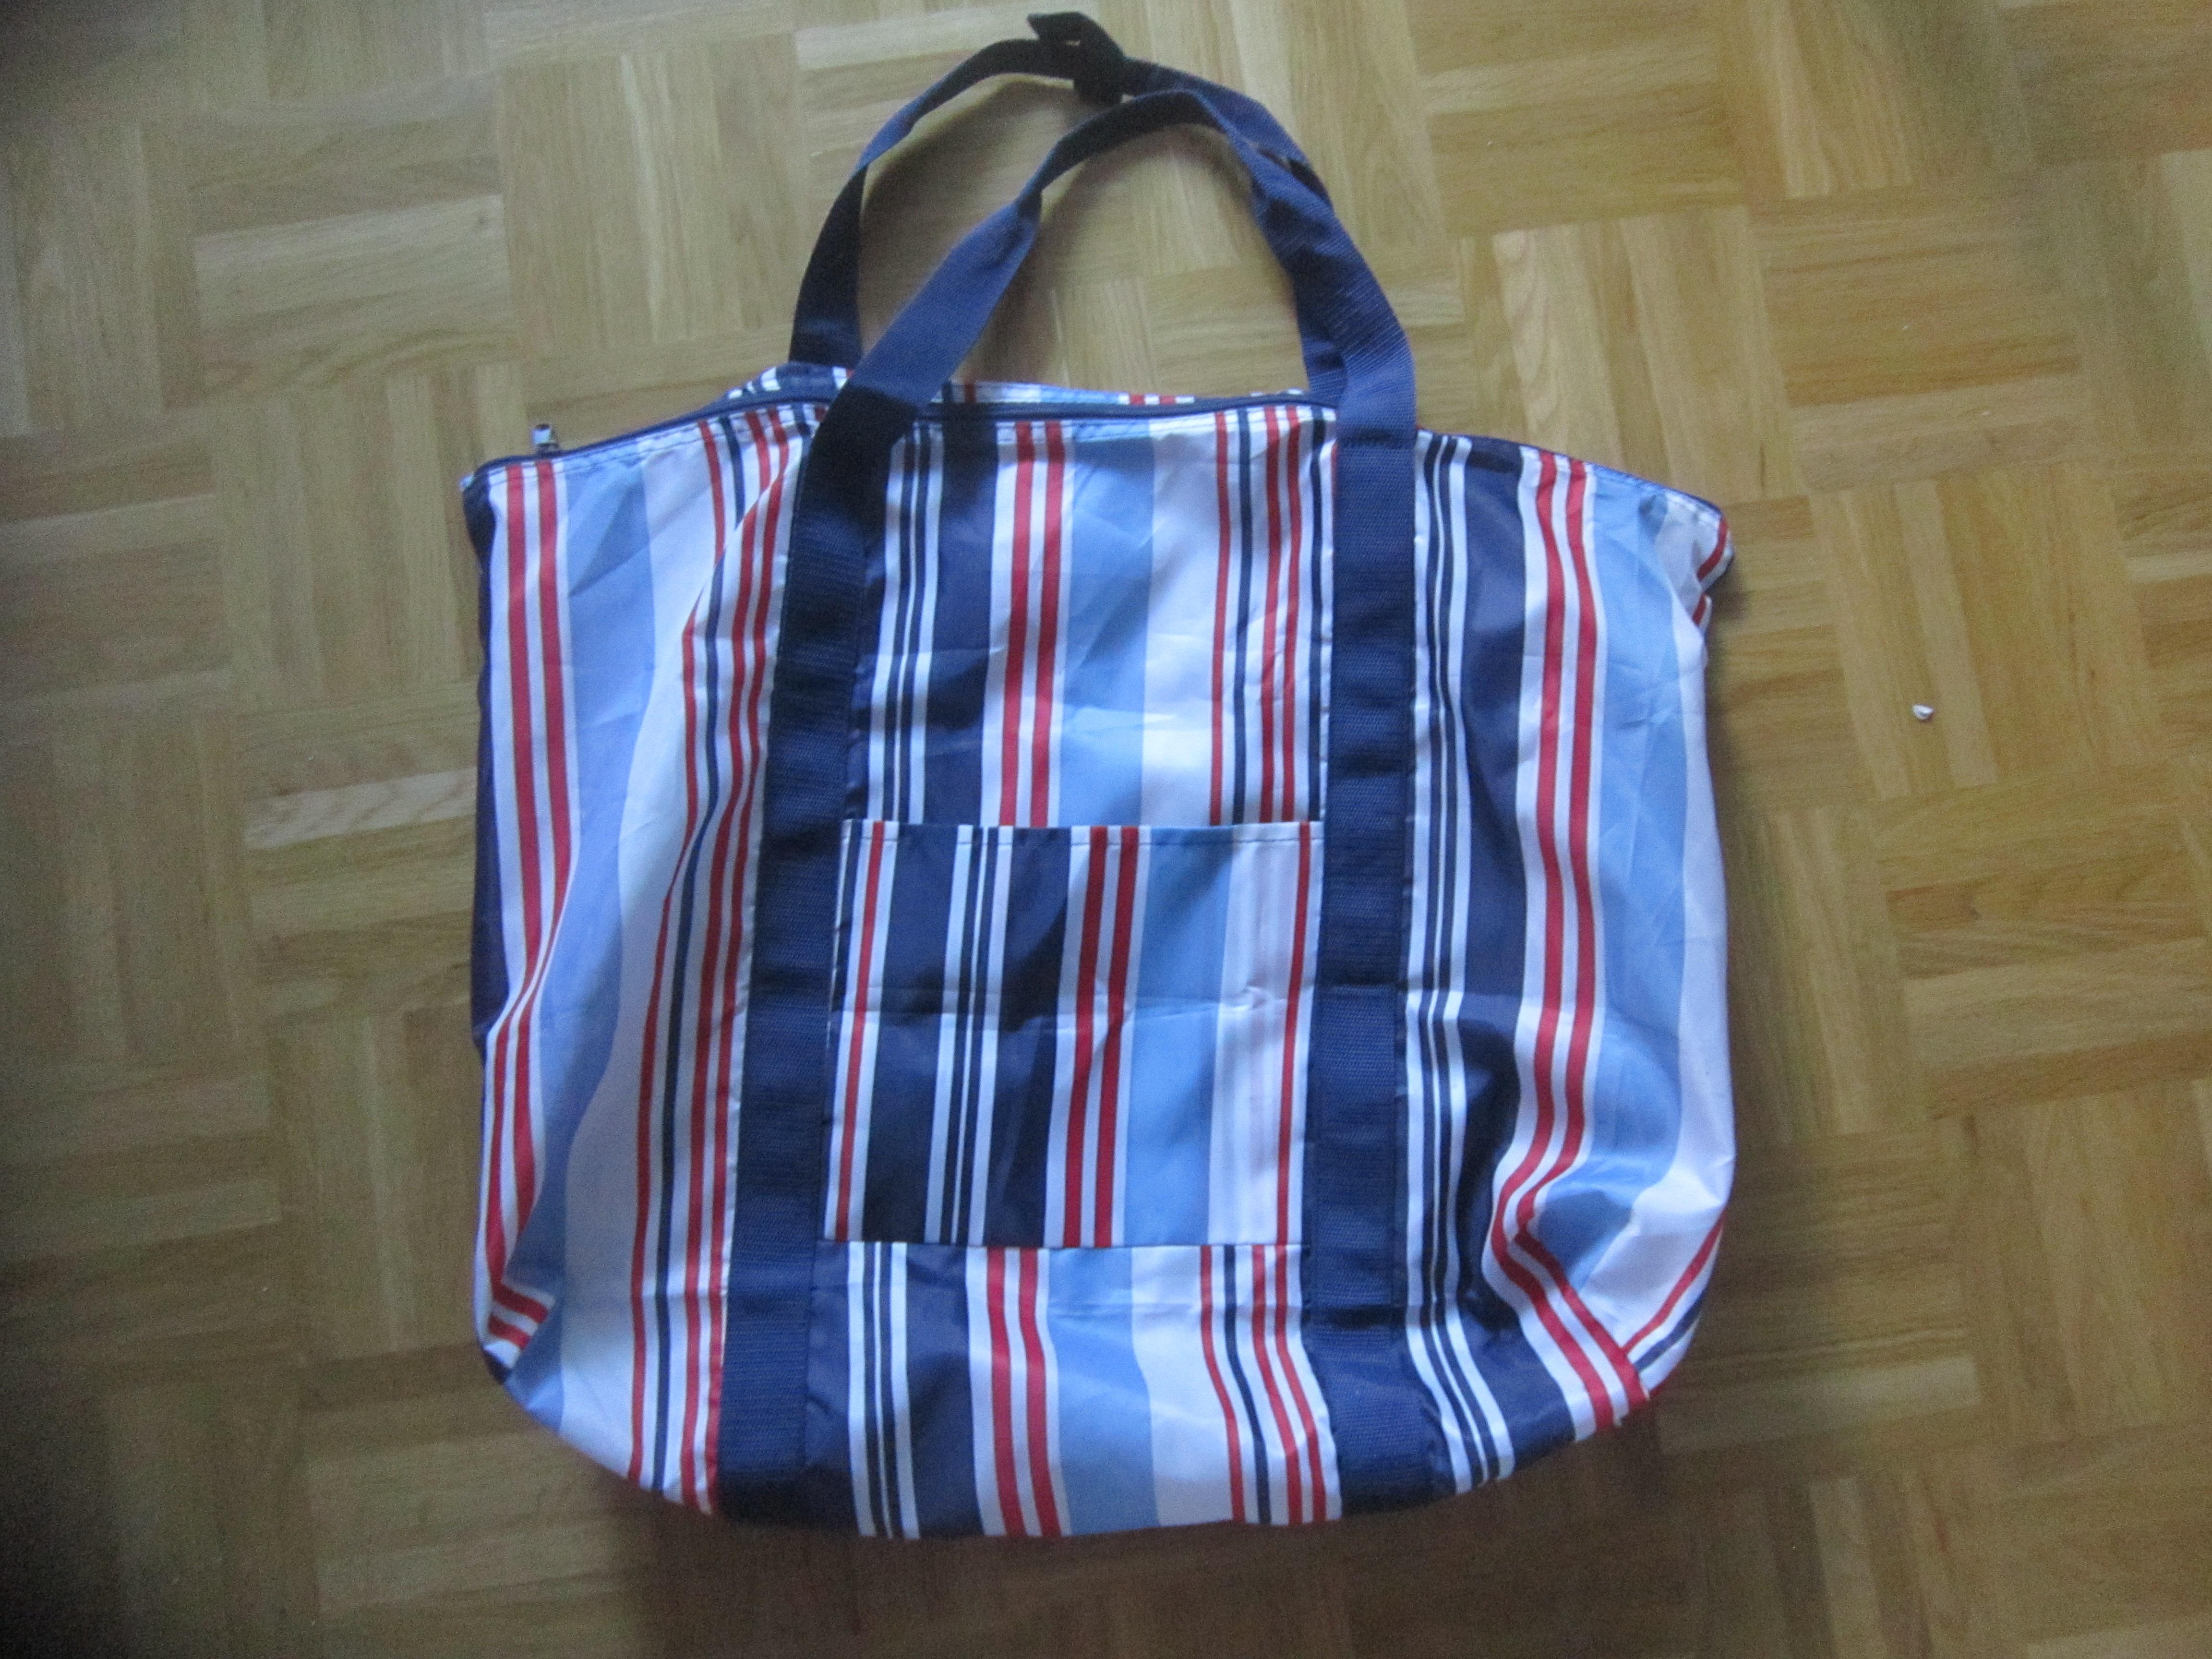 Grosse Tasche blau,weiß,rot gest tauschen